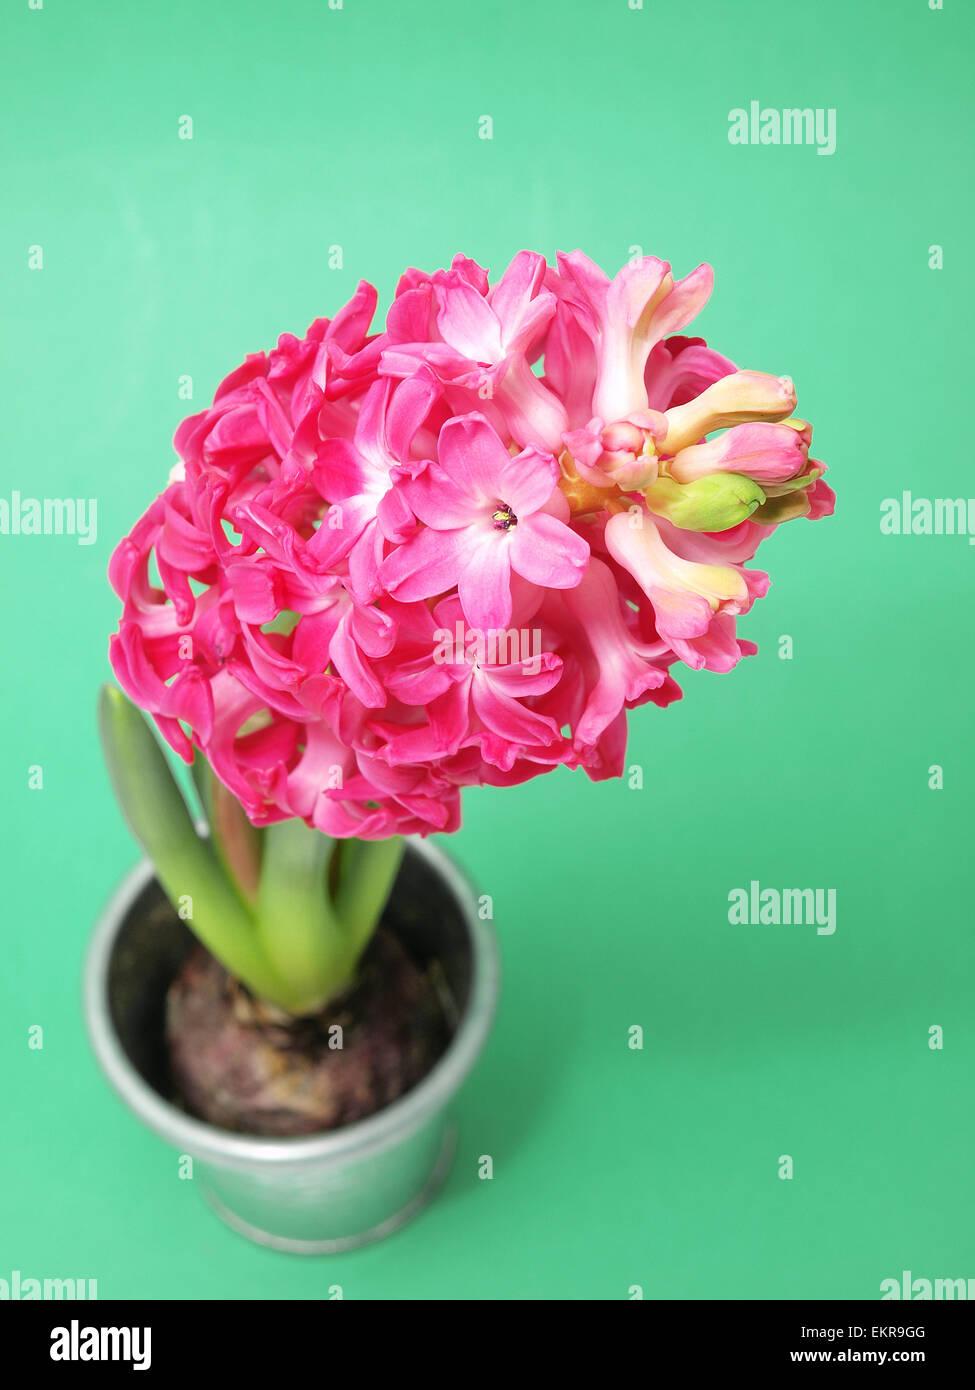 Spring pink hyacinth - Stock Image